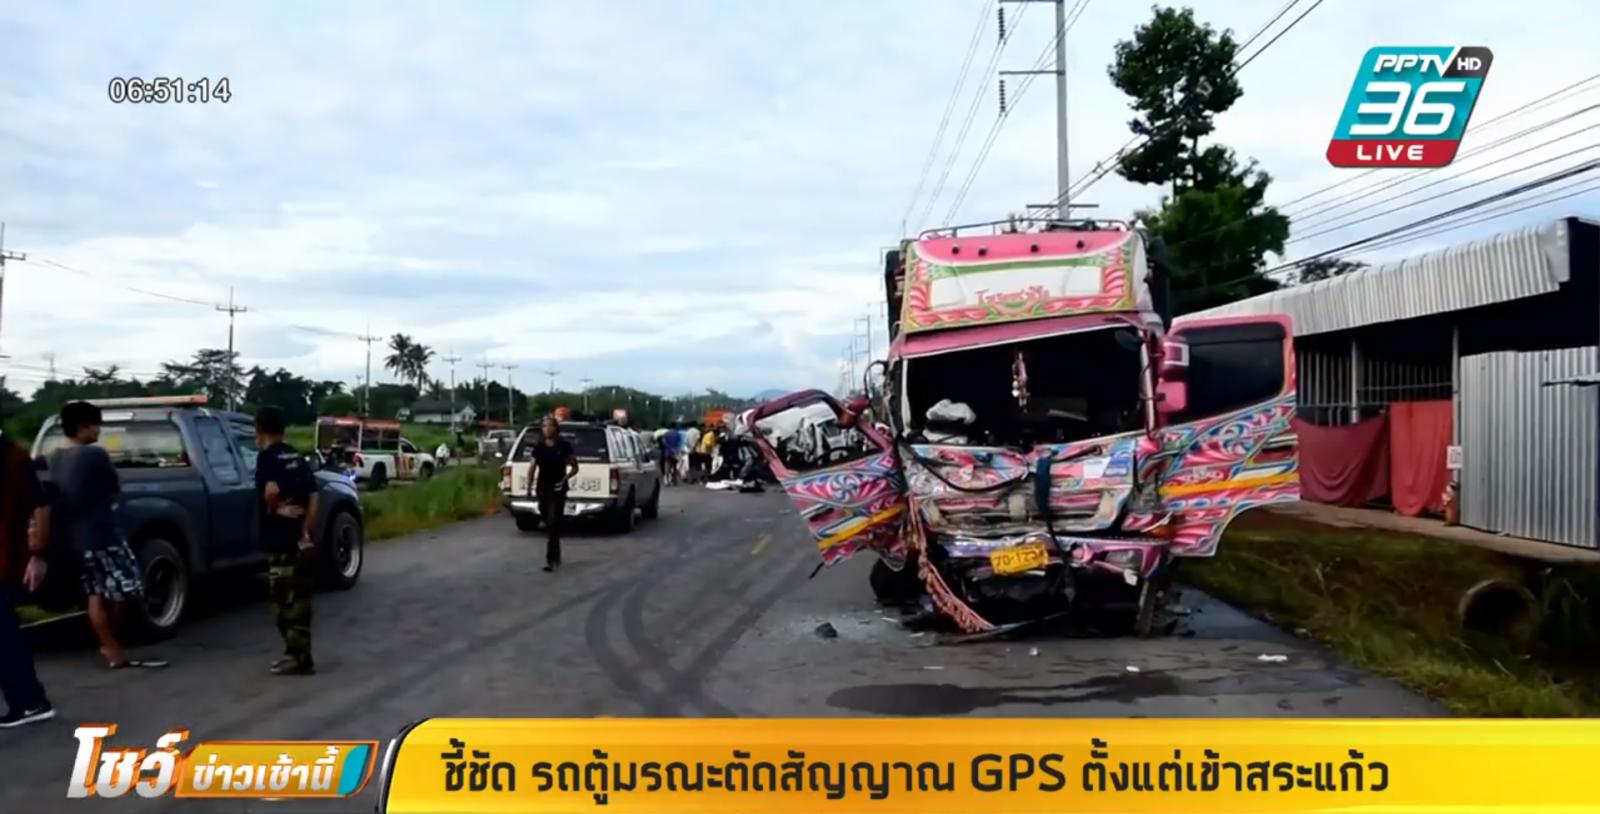 ขนส่ง พบรถตู้มรณะตัด GPS ก่อนเข้าสระแก้ว - วิ่งเร็วเกินกำหนด 6 ครั้ง ใน 3 จังหวัด